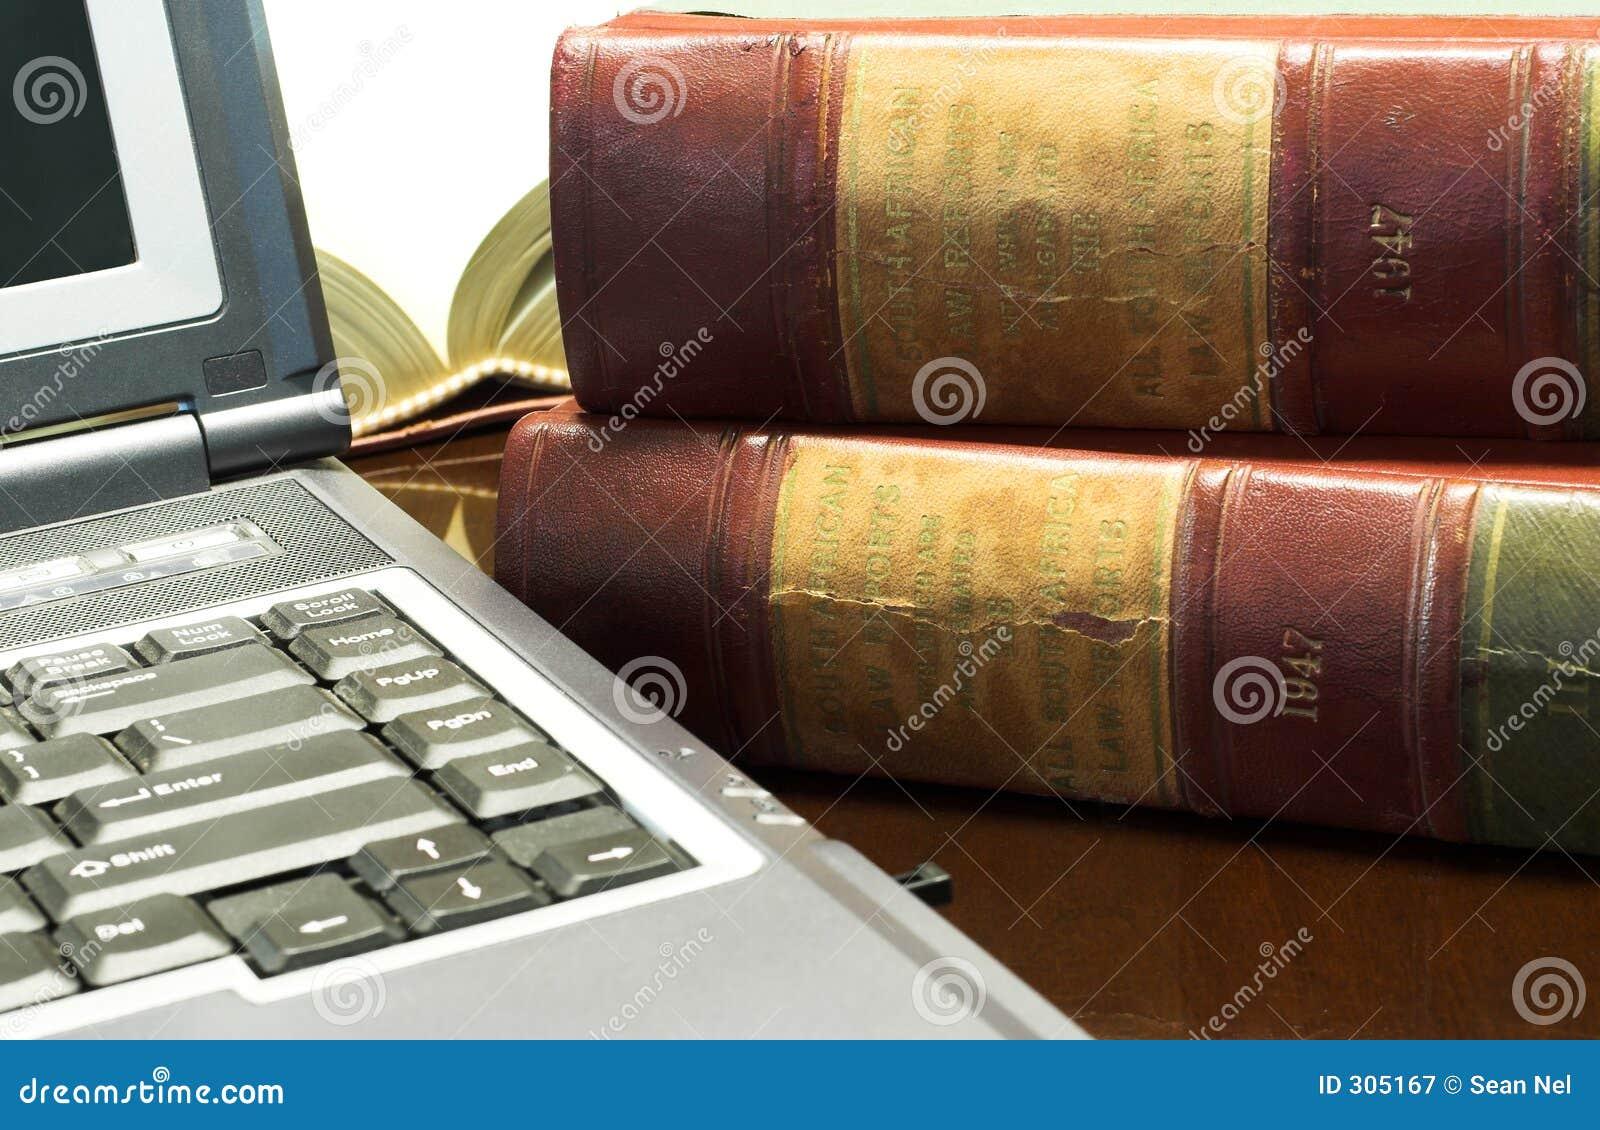 Wettelijke boeken #30